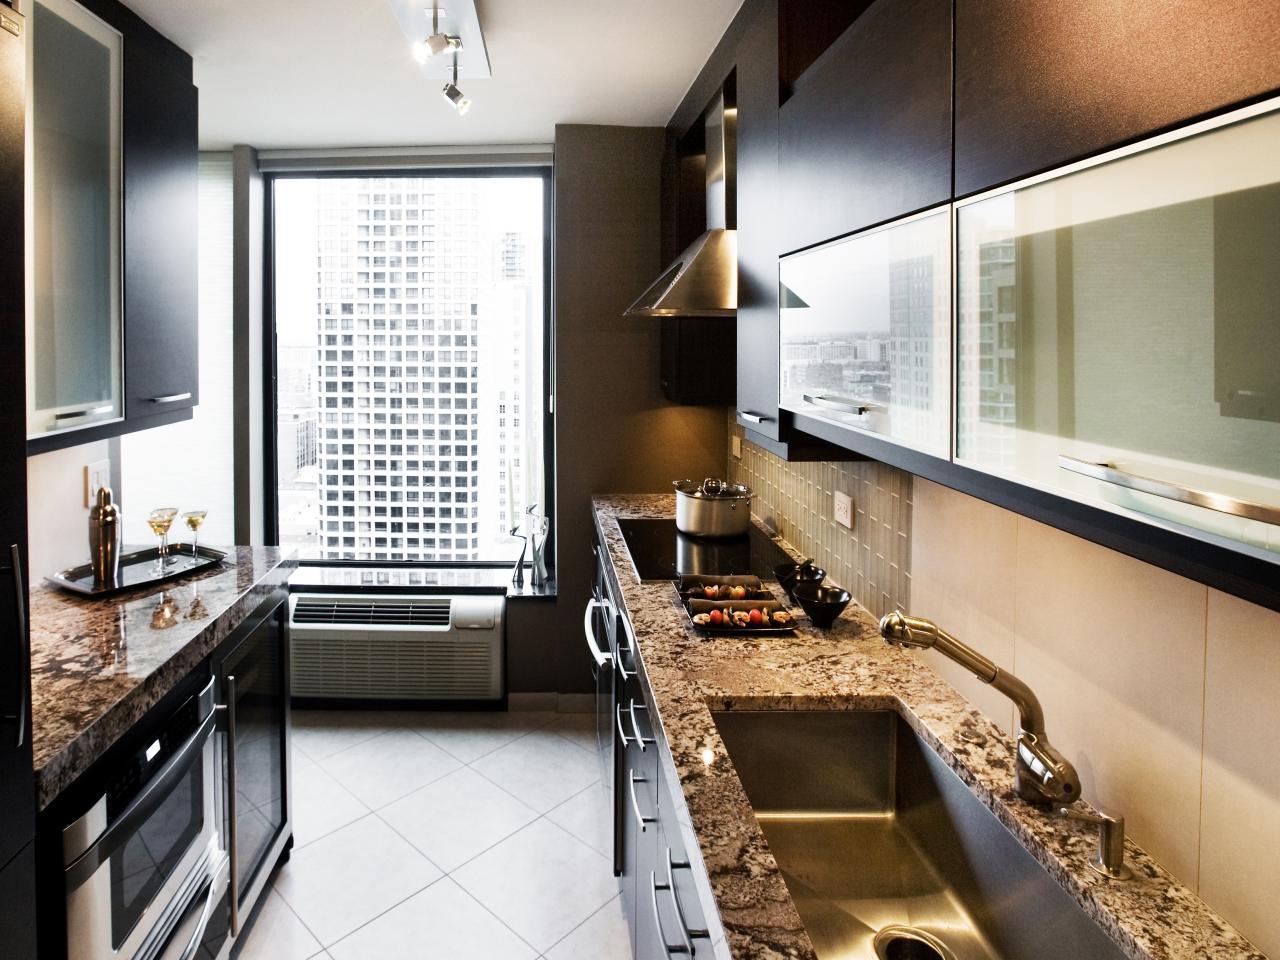 modern remodel kitchen ideas small galley kitchen ideas PVRIMLH